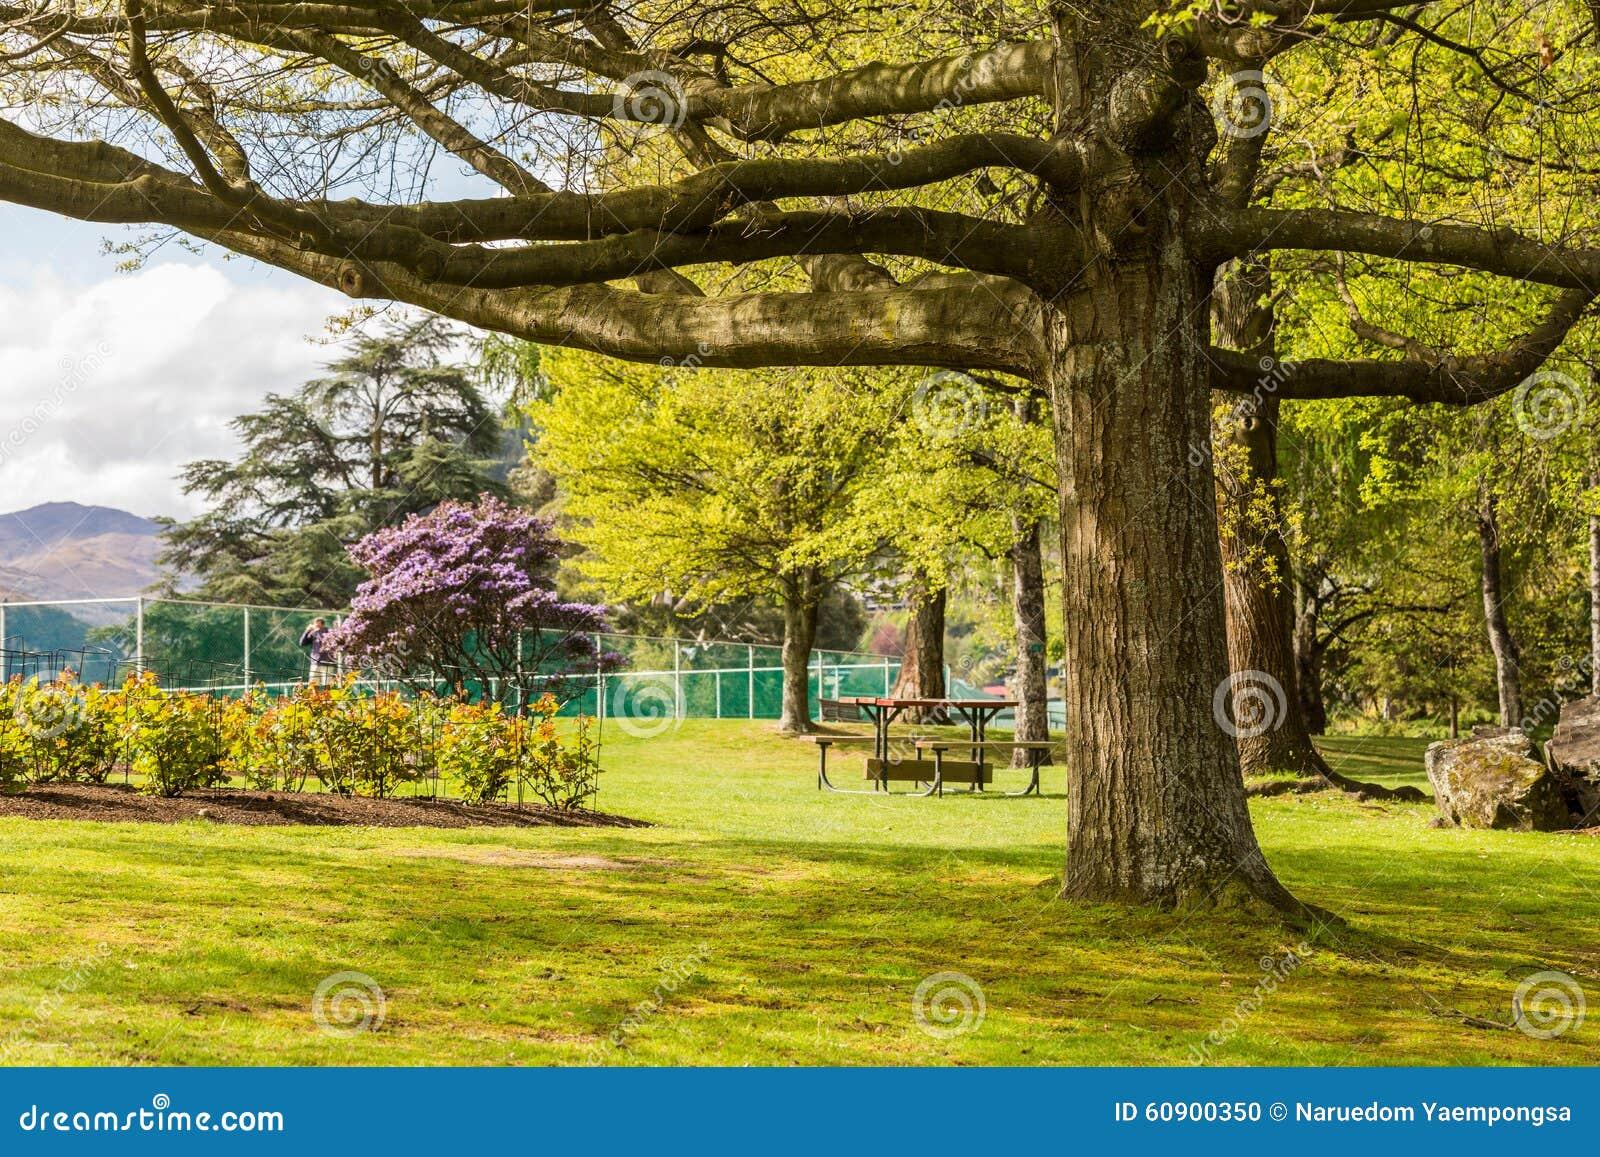 Großer Baum im Garten stockfoto Bild von picknick kabel